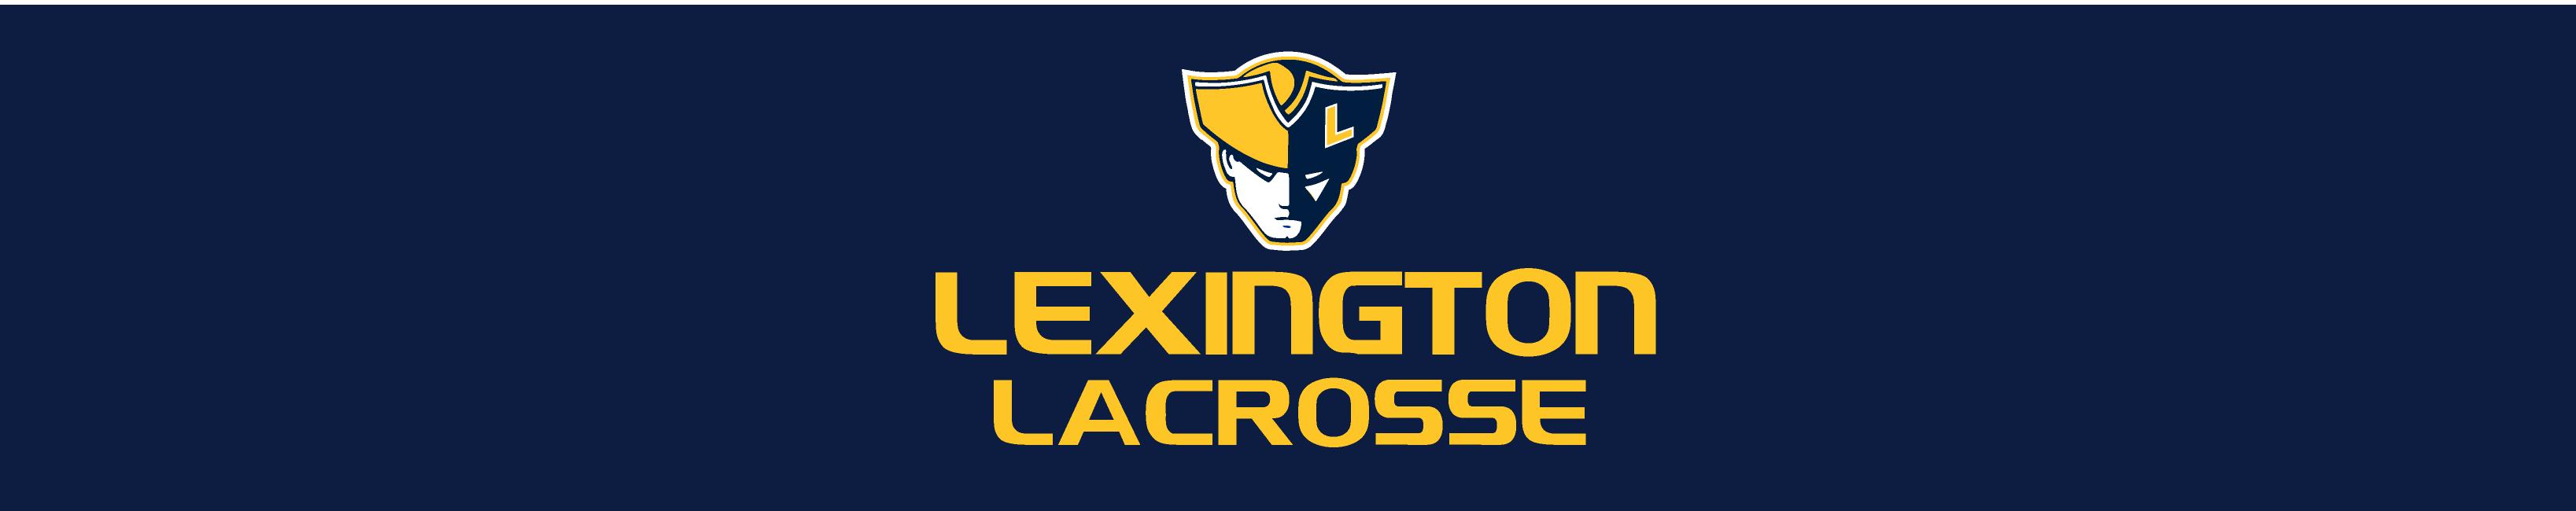 Lexington Lacrosse